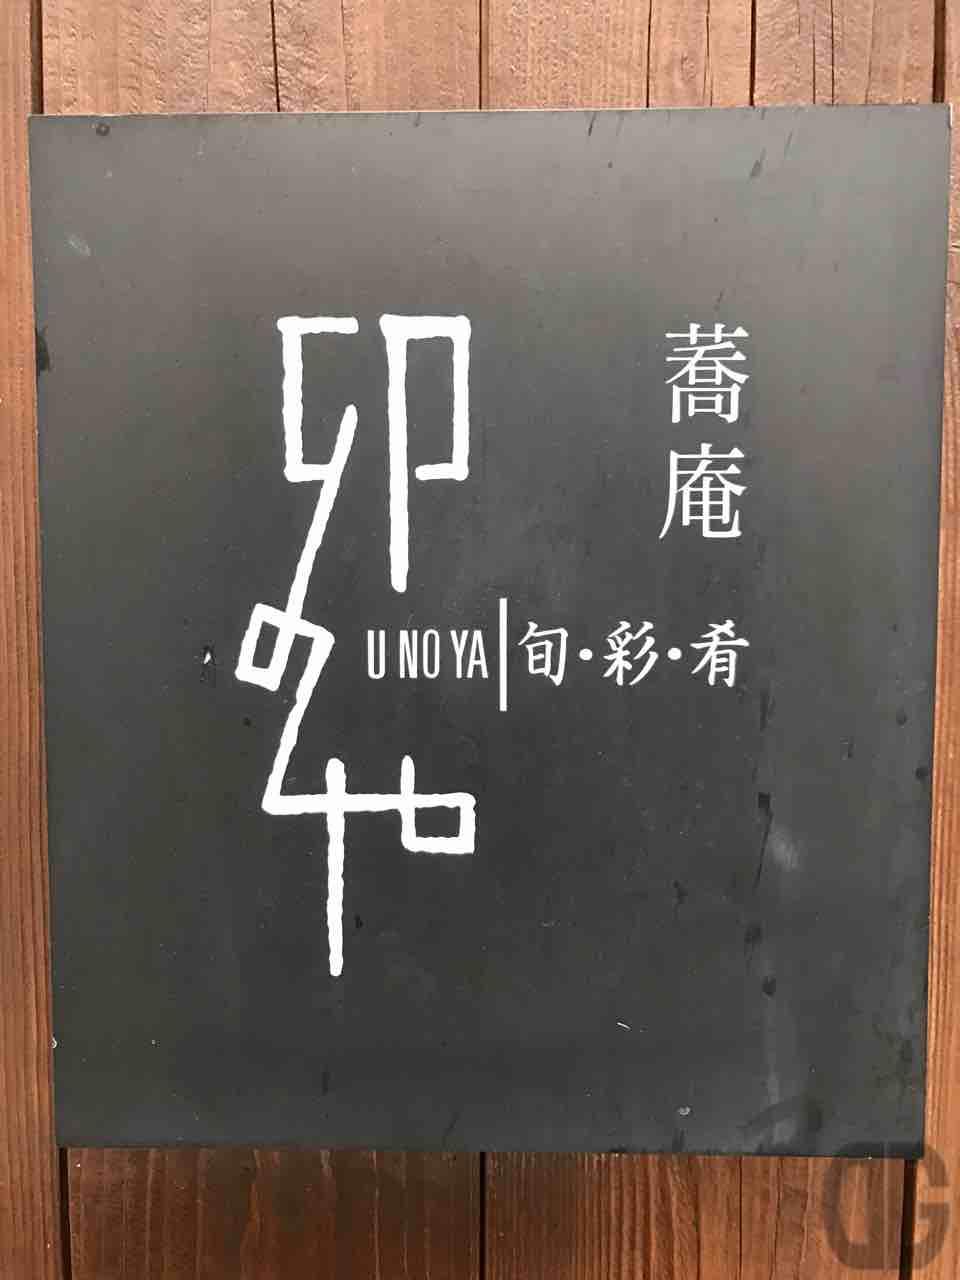 蕎庵・卯のや(飯田橋)。月曜日の日替わり昼膳はまぐろ膳。蕎庵だけあって基本となる蕎麦が美味しいのよね。